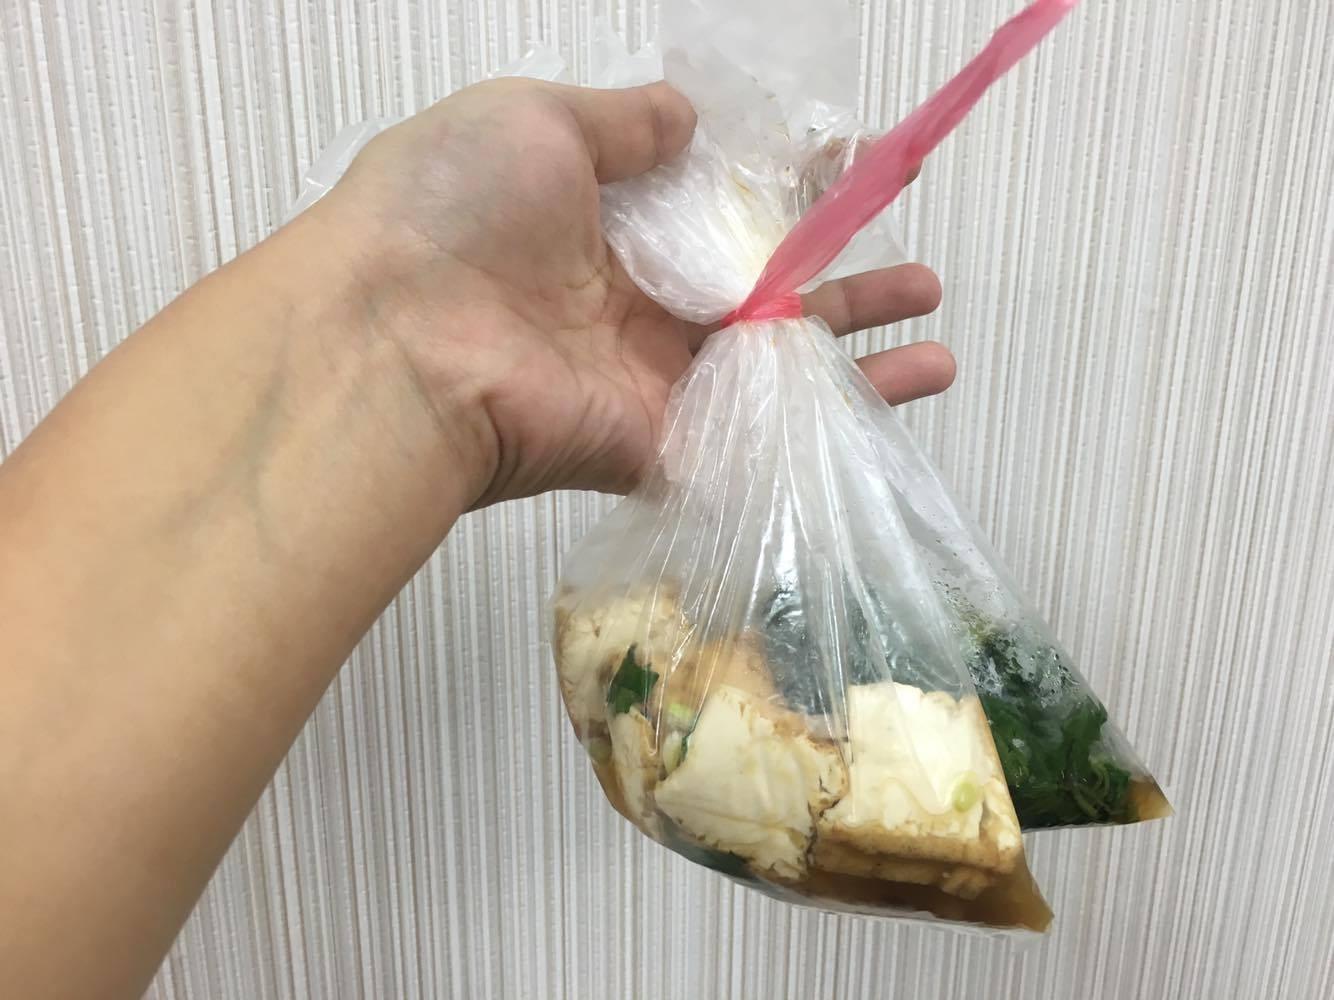 熱食,塑膠袋裝熱食。(圖/記者嚴云岑攝)